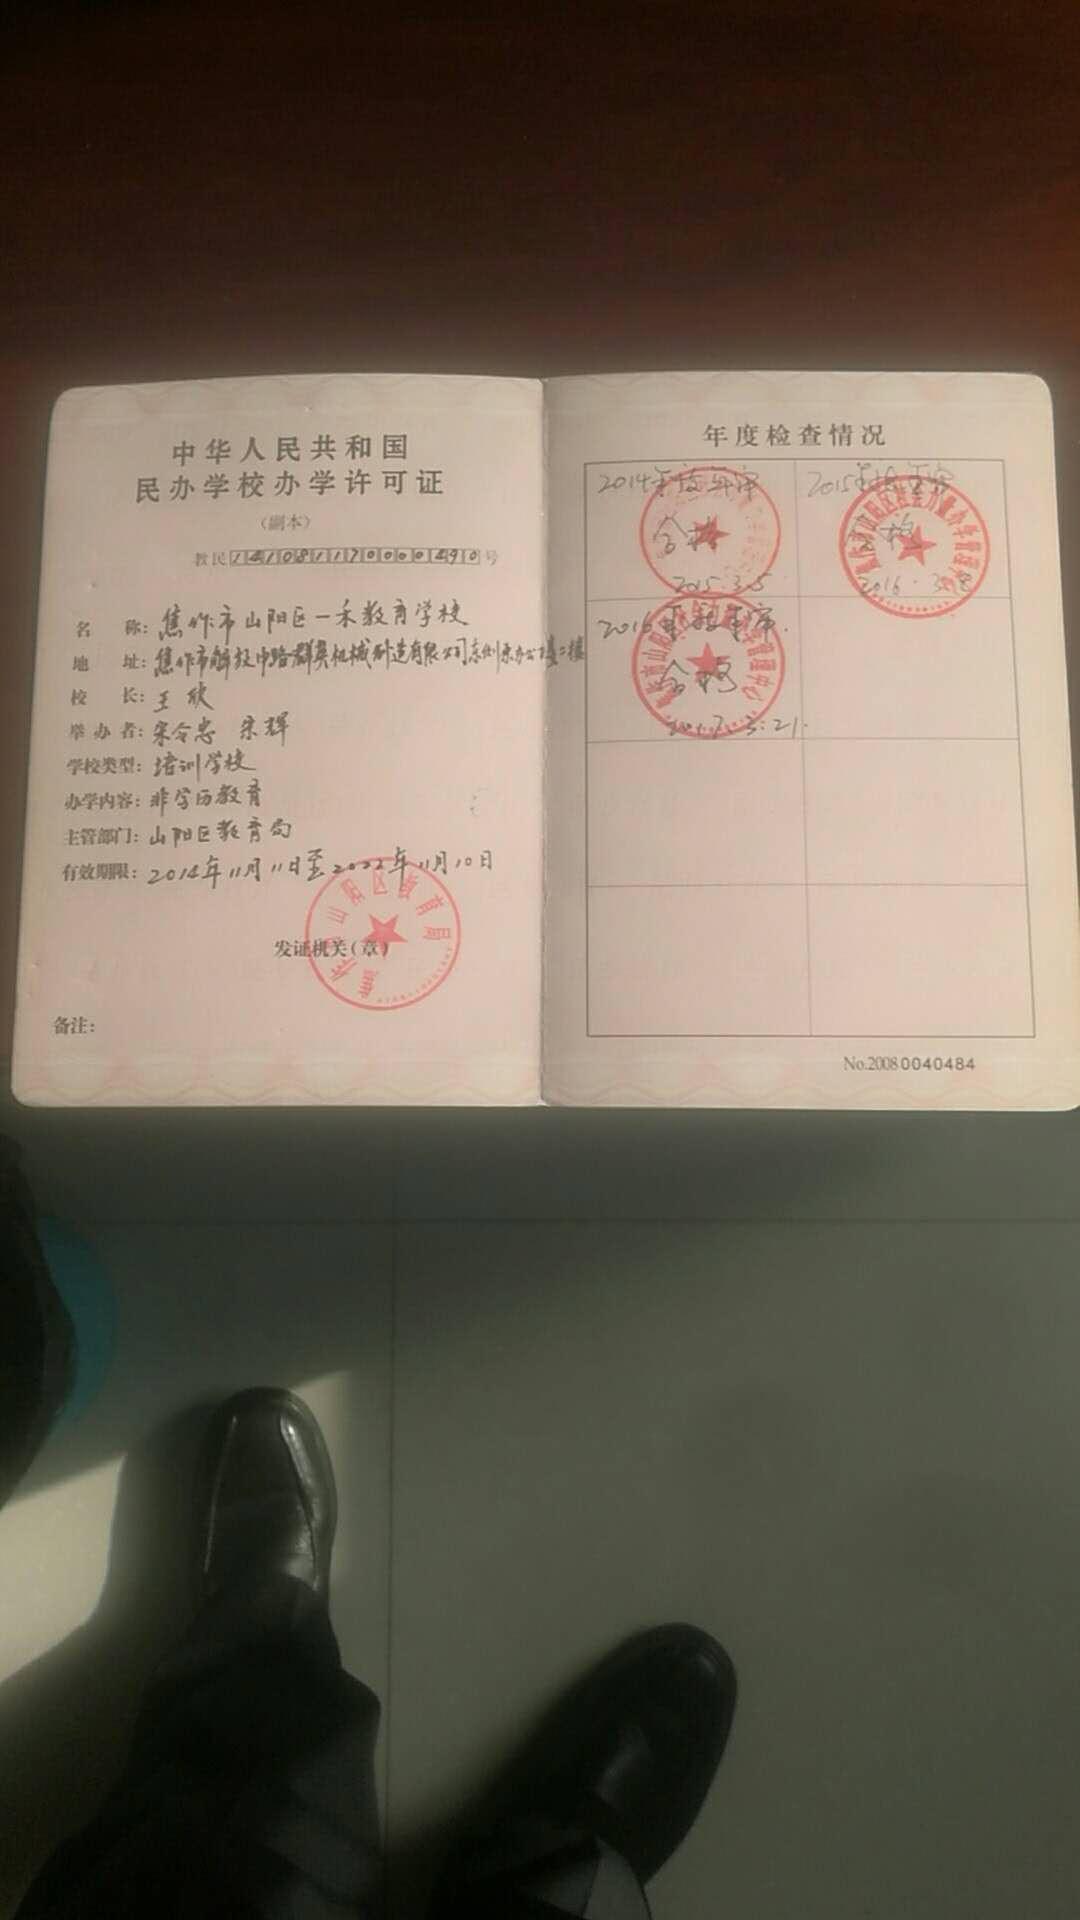 焦作市山阳区必威官方网页必威中国网站学校办学许可证